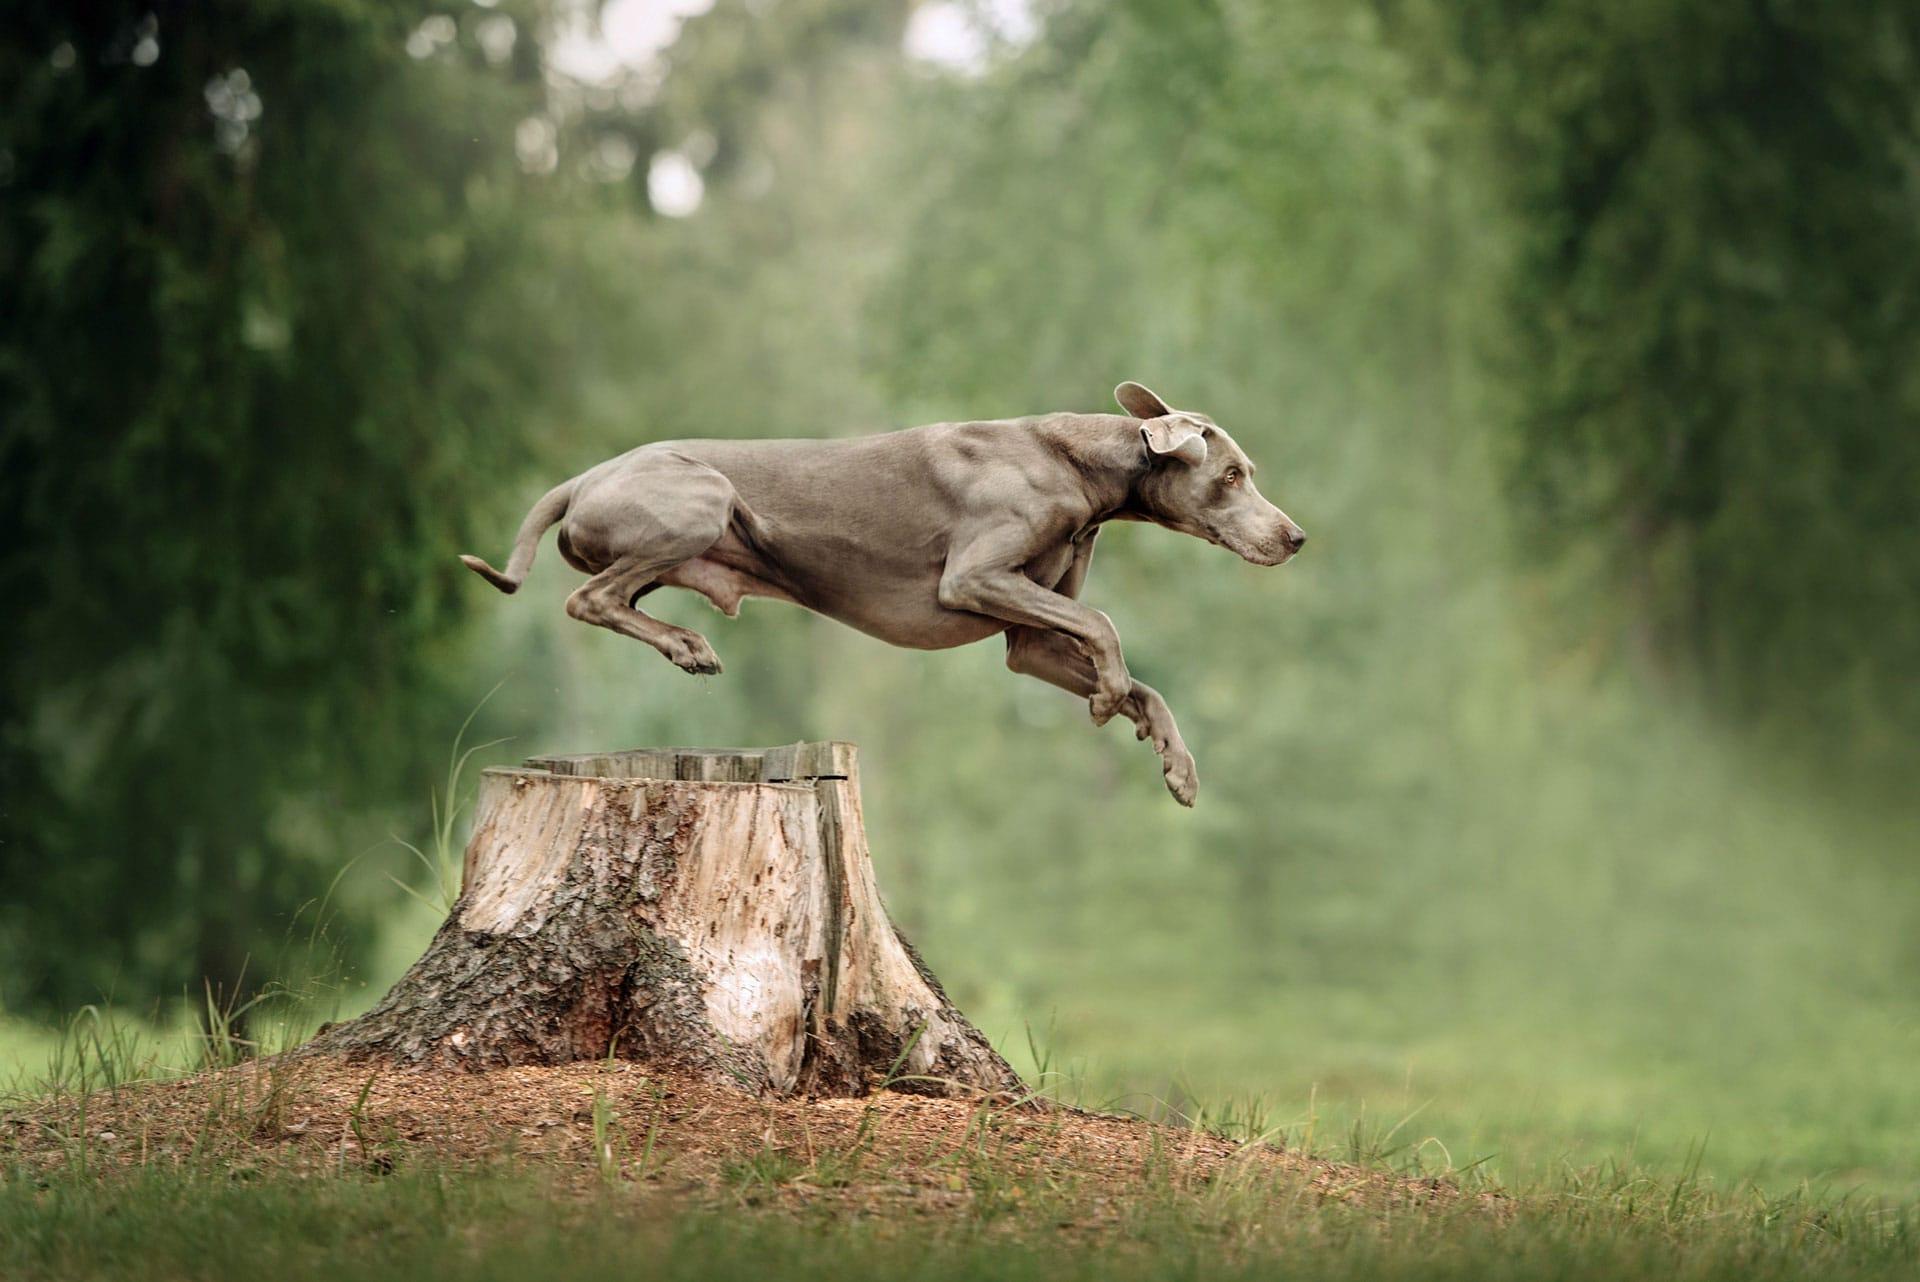 Hund setzt zum Sprung an und springt über einen Baumstumpf